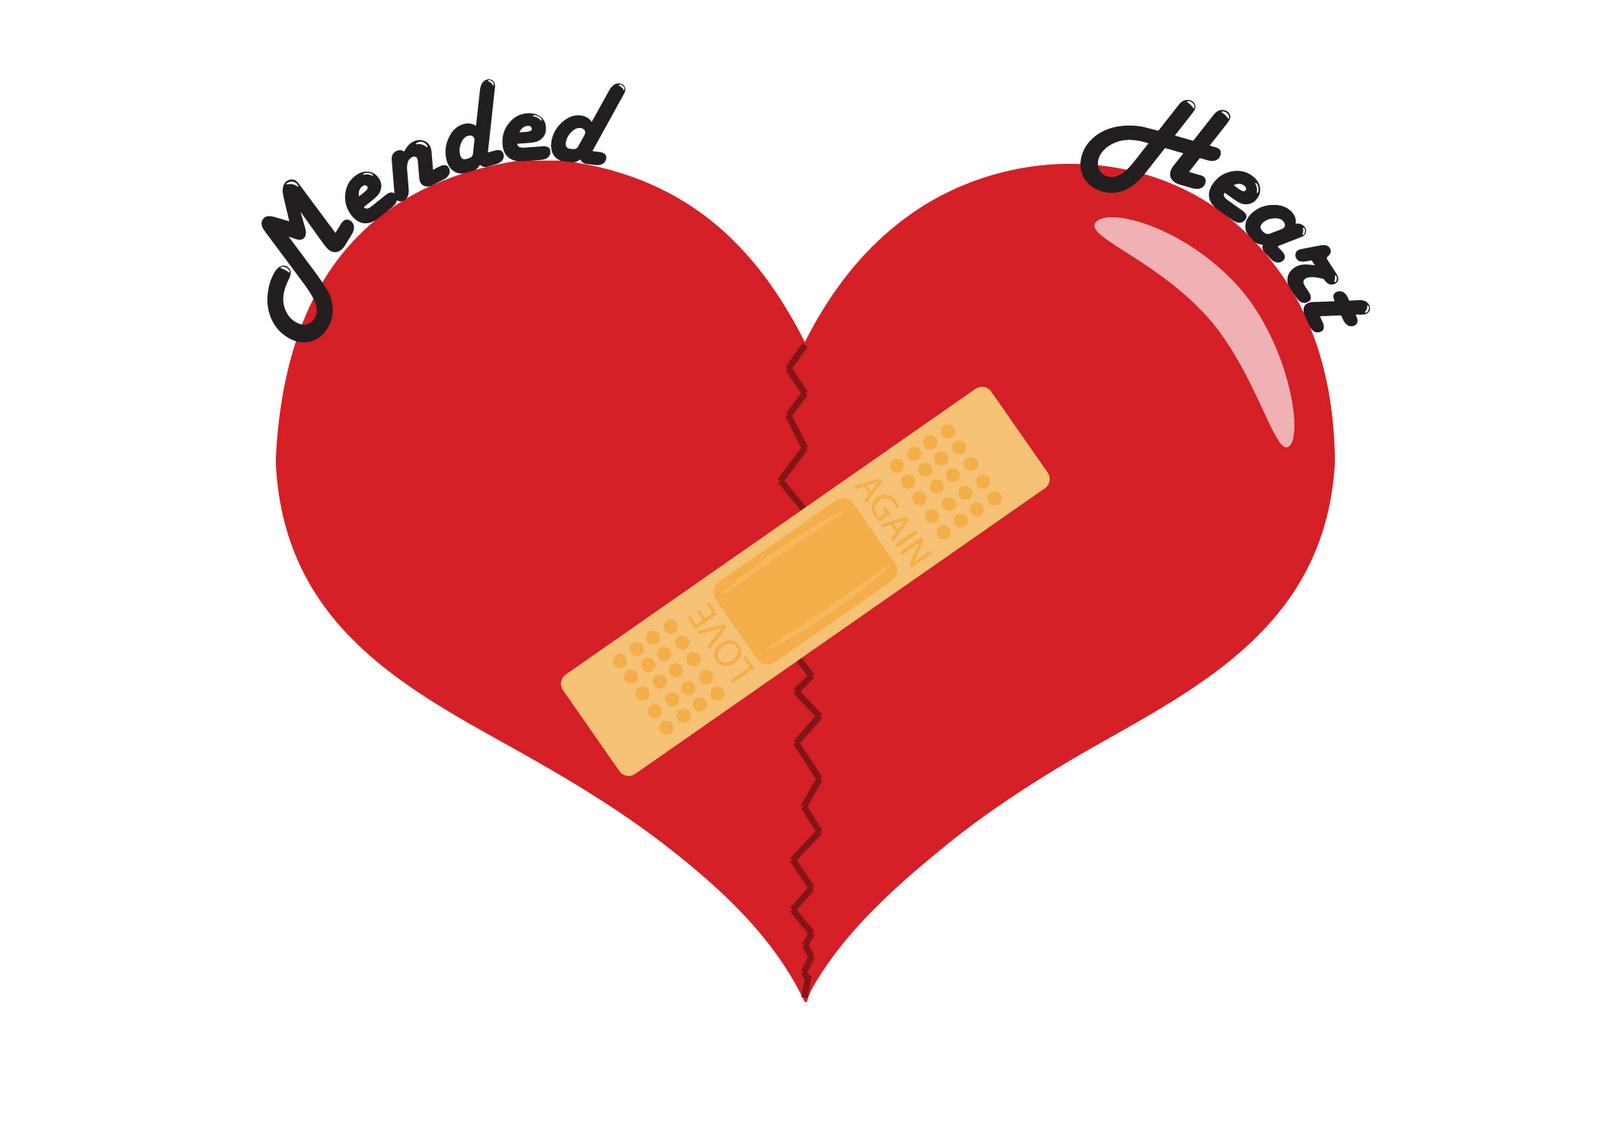 Mended Heart logo